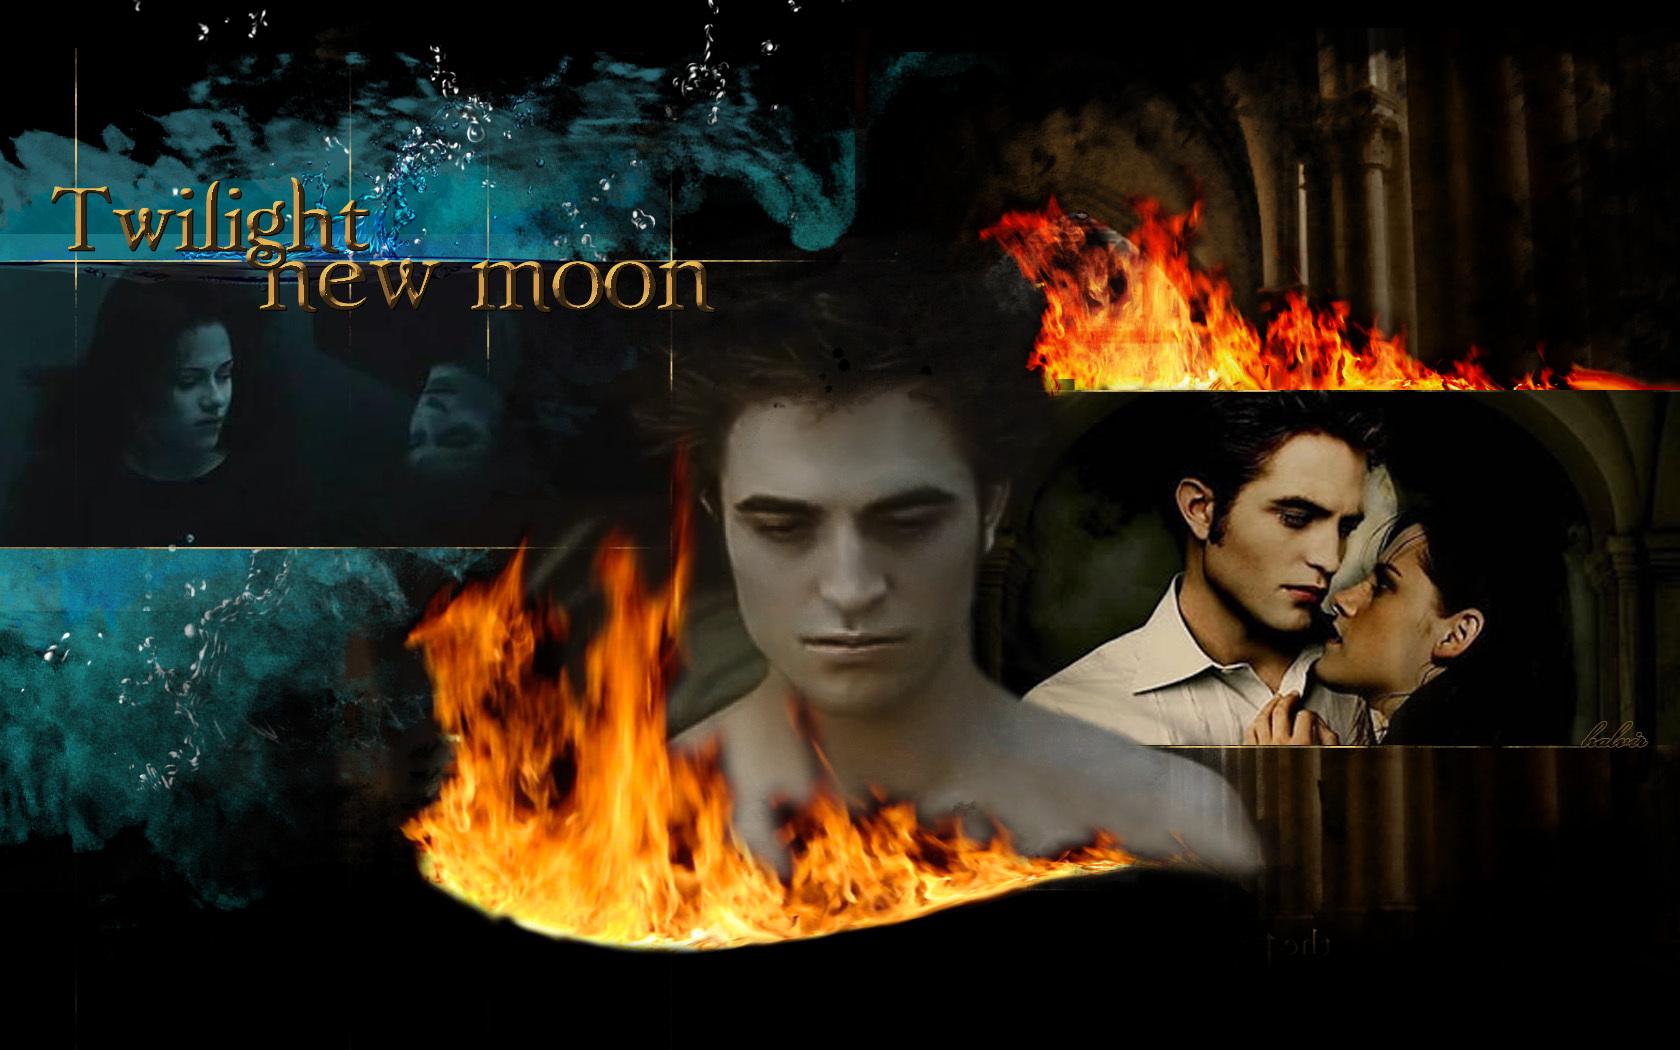 New Moon - Edward